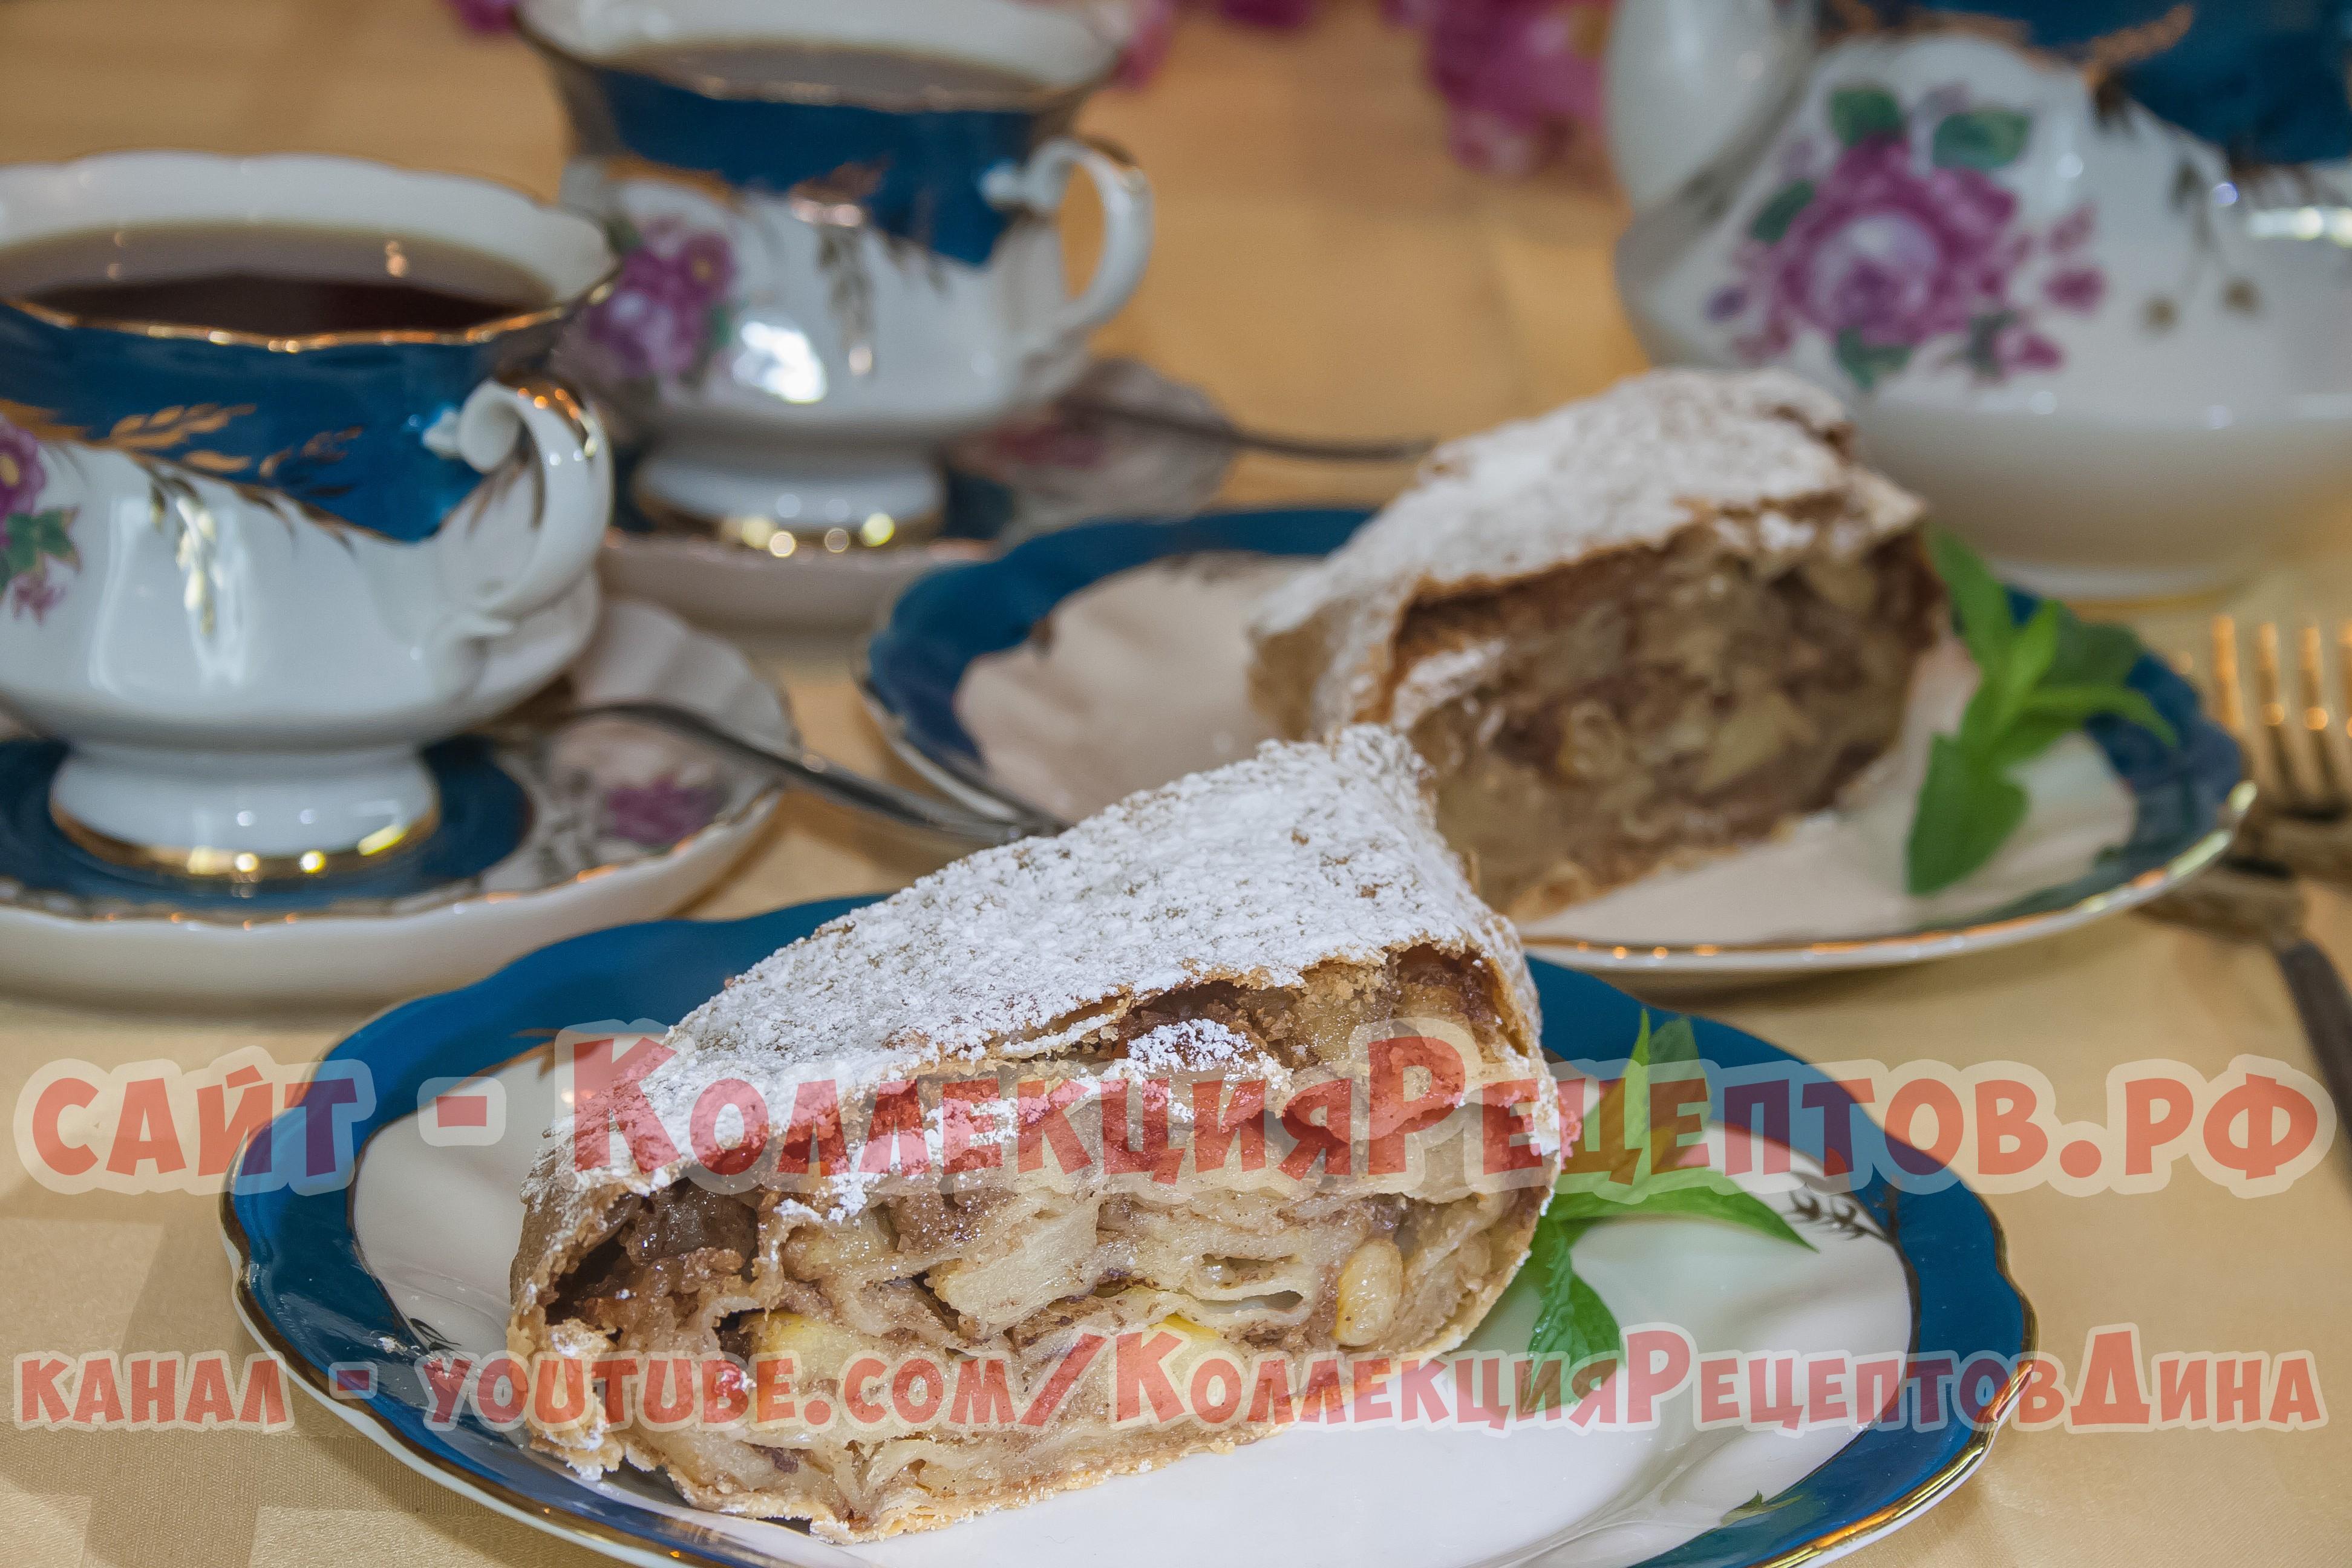 Венский штрудель с яблоками рецепт пошагово самый вкусный 62